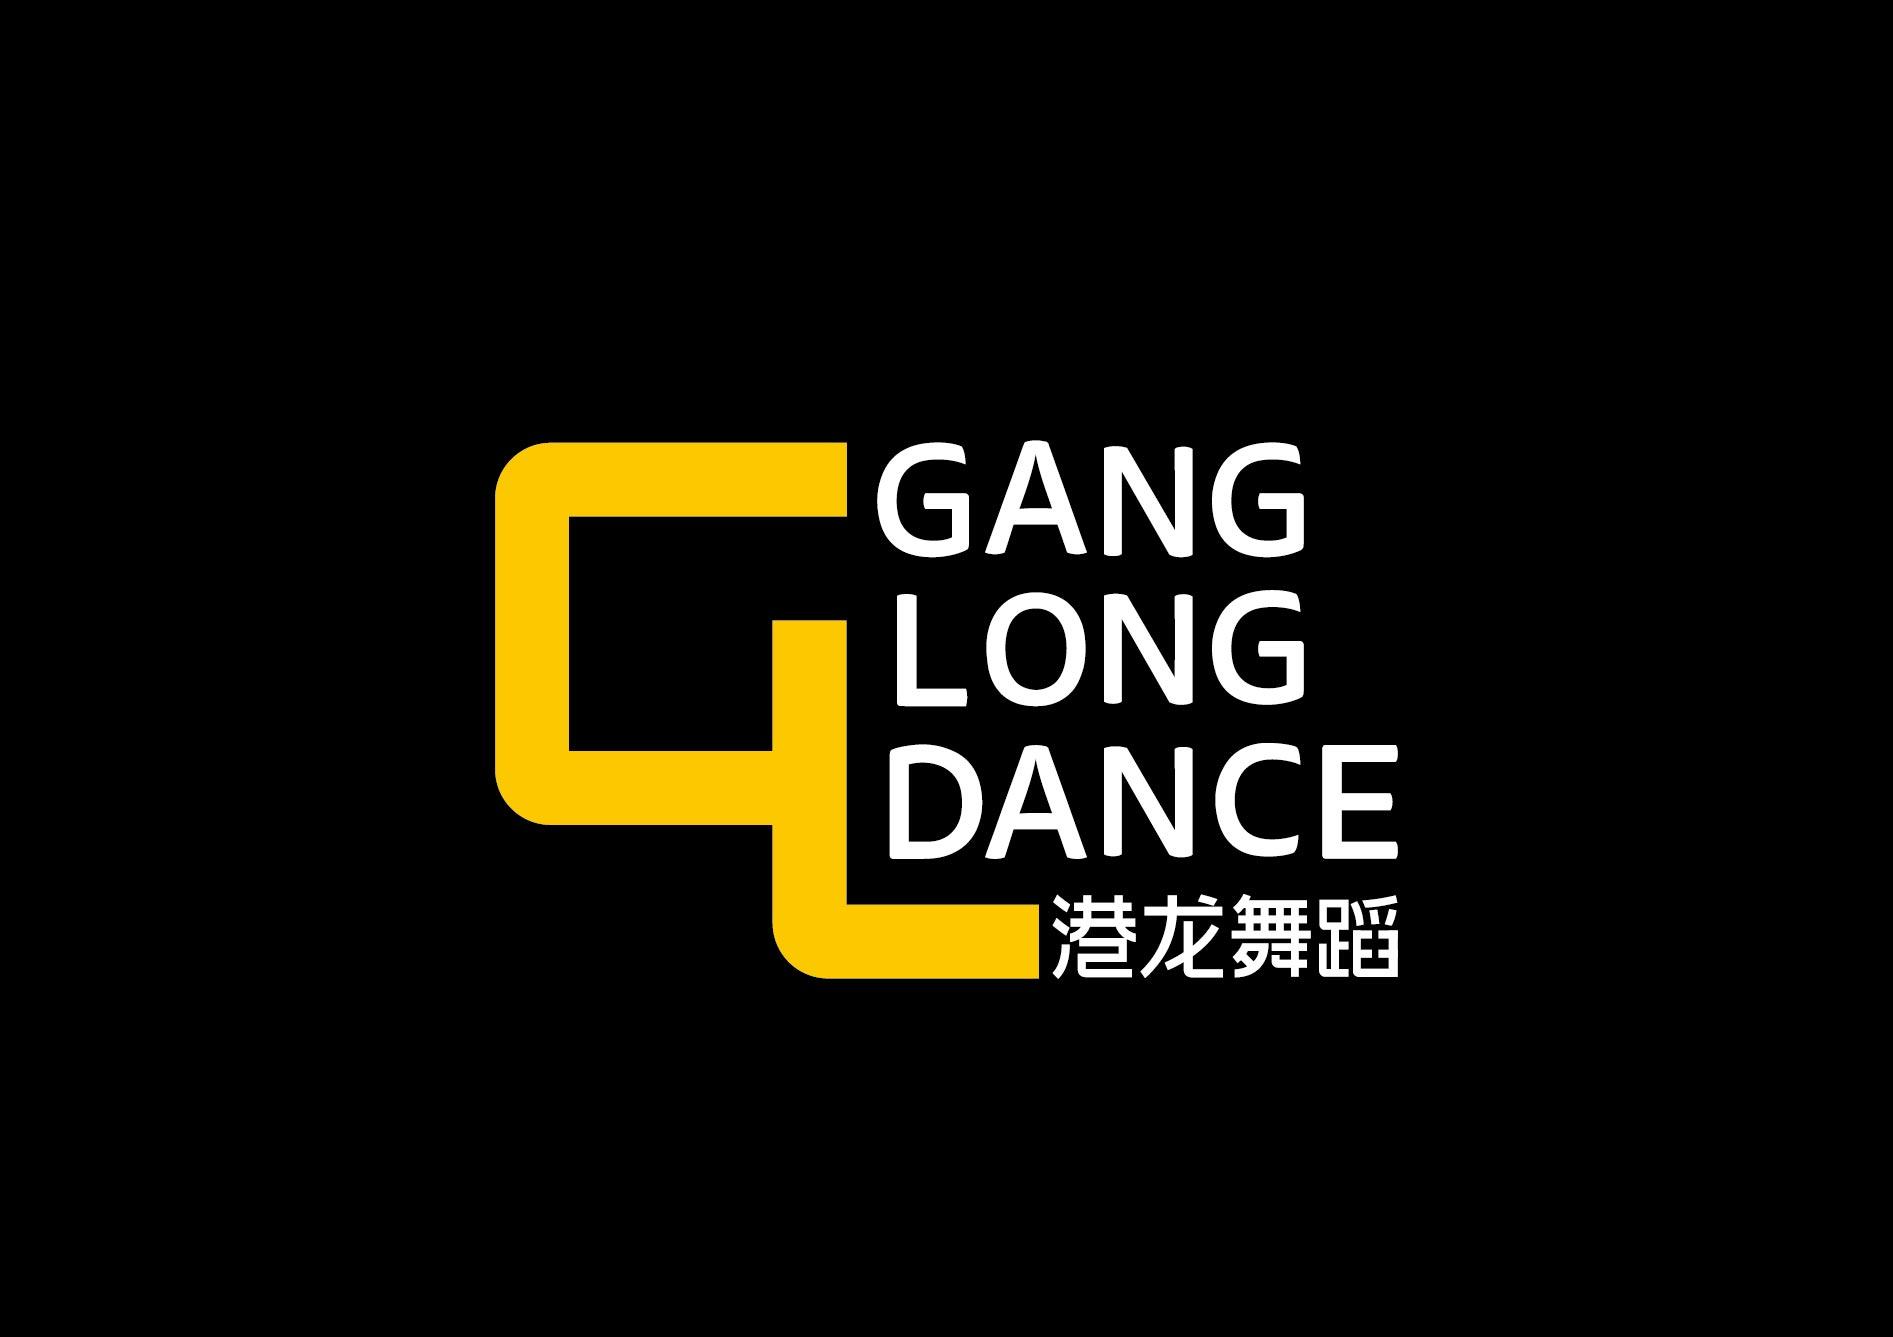 深圳市港龙文化体育有限公司logo